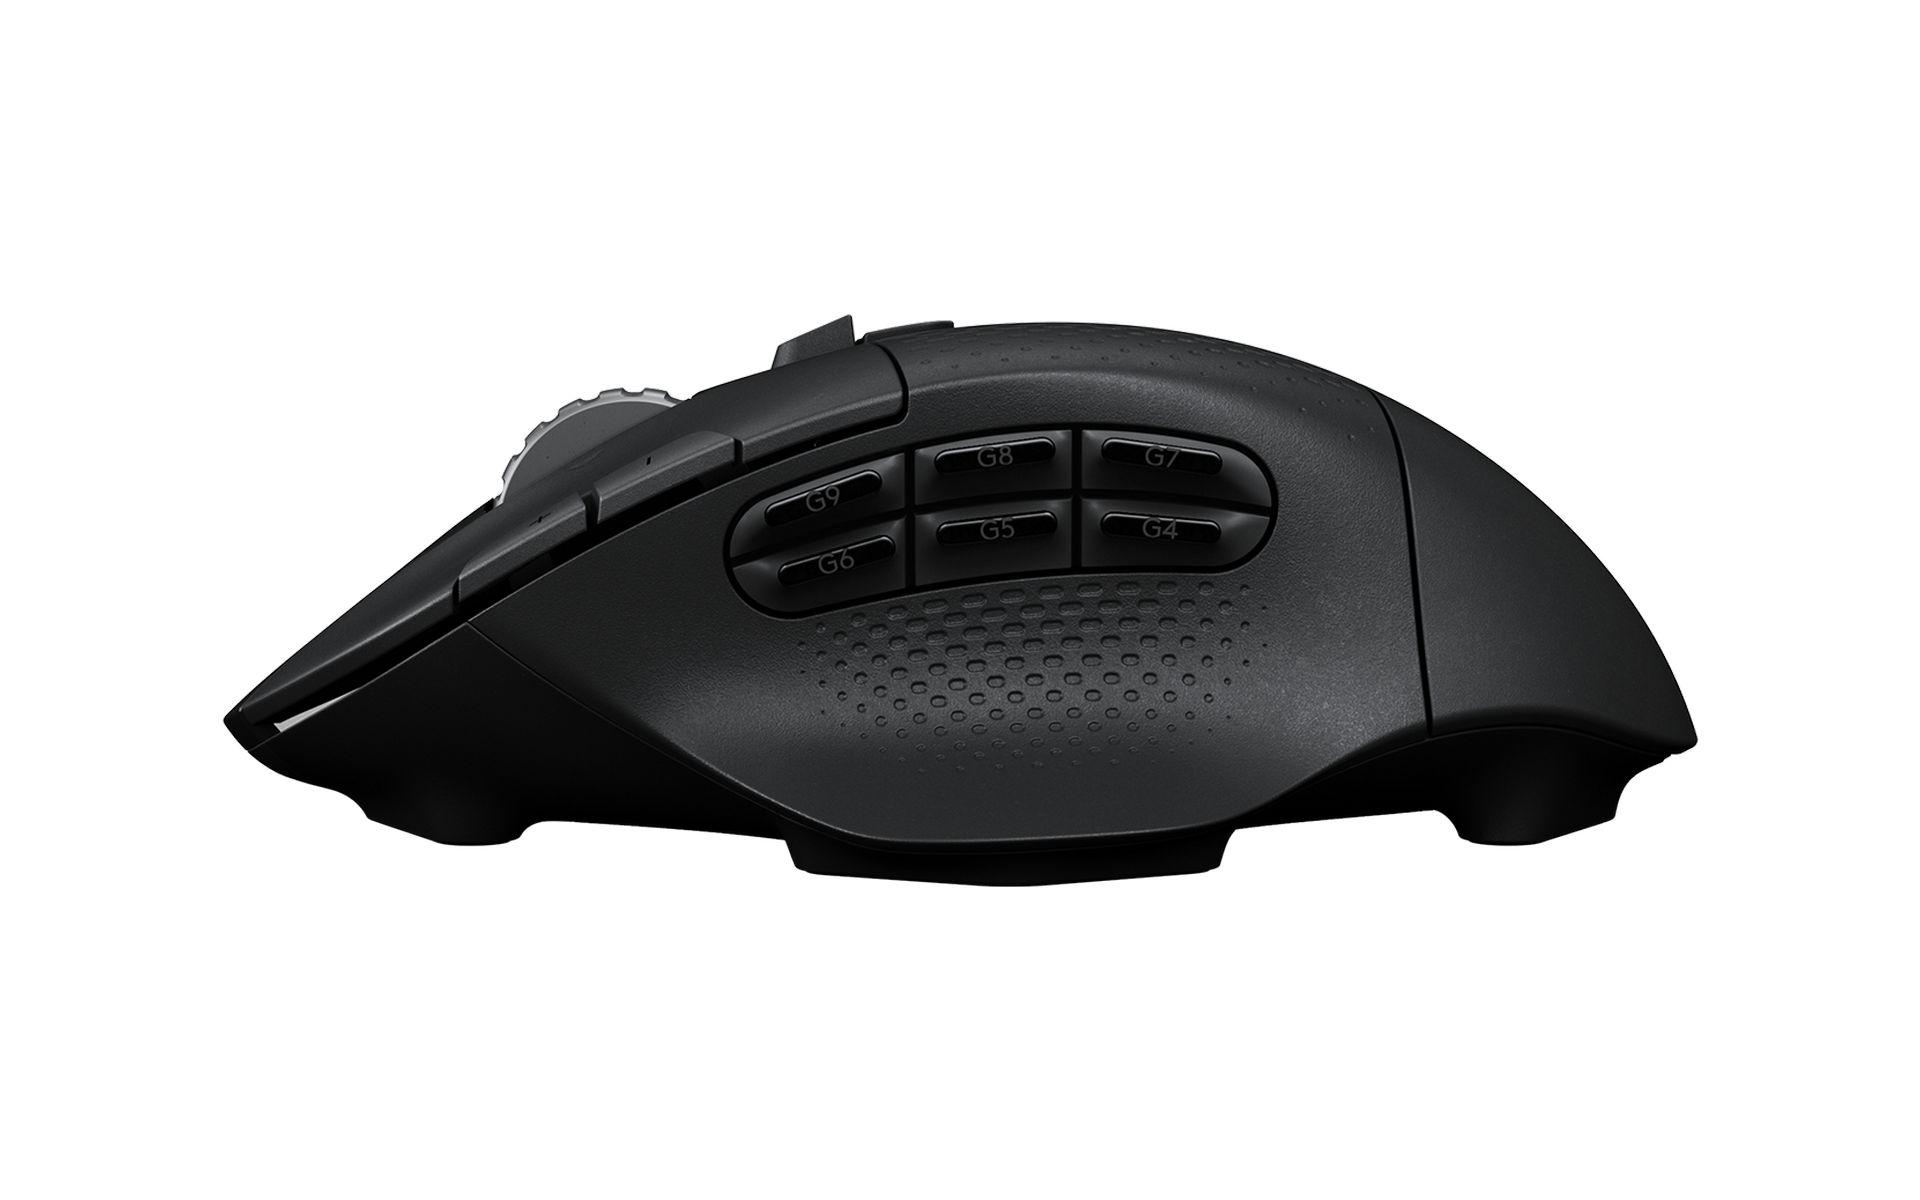 Logitech G604 HERO LIGHTSPEED WIRELESS có các nút điều khiển được đặt ở vị trí trực quan